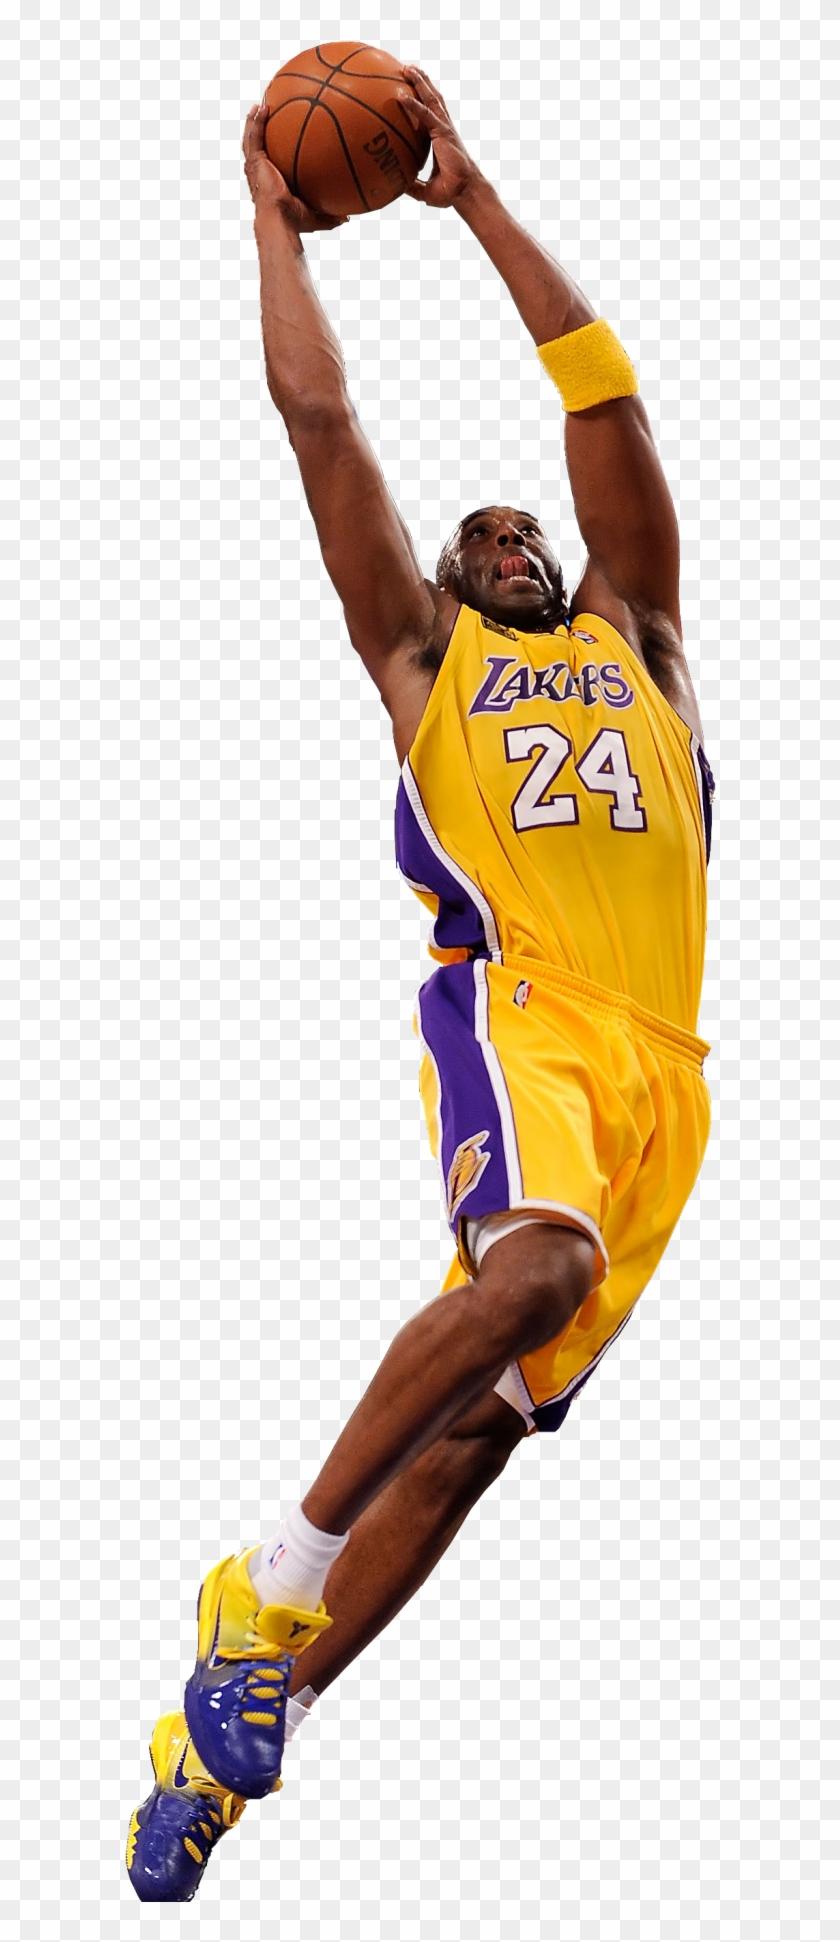 Free Kobe Bryant Png Image.